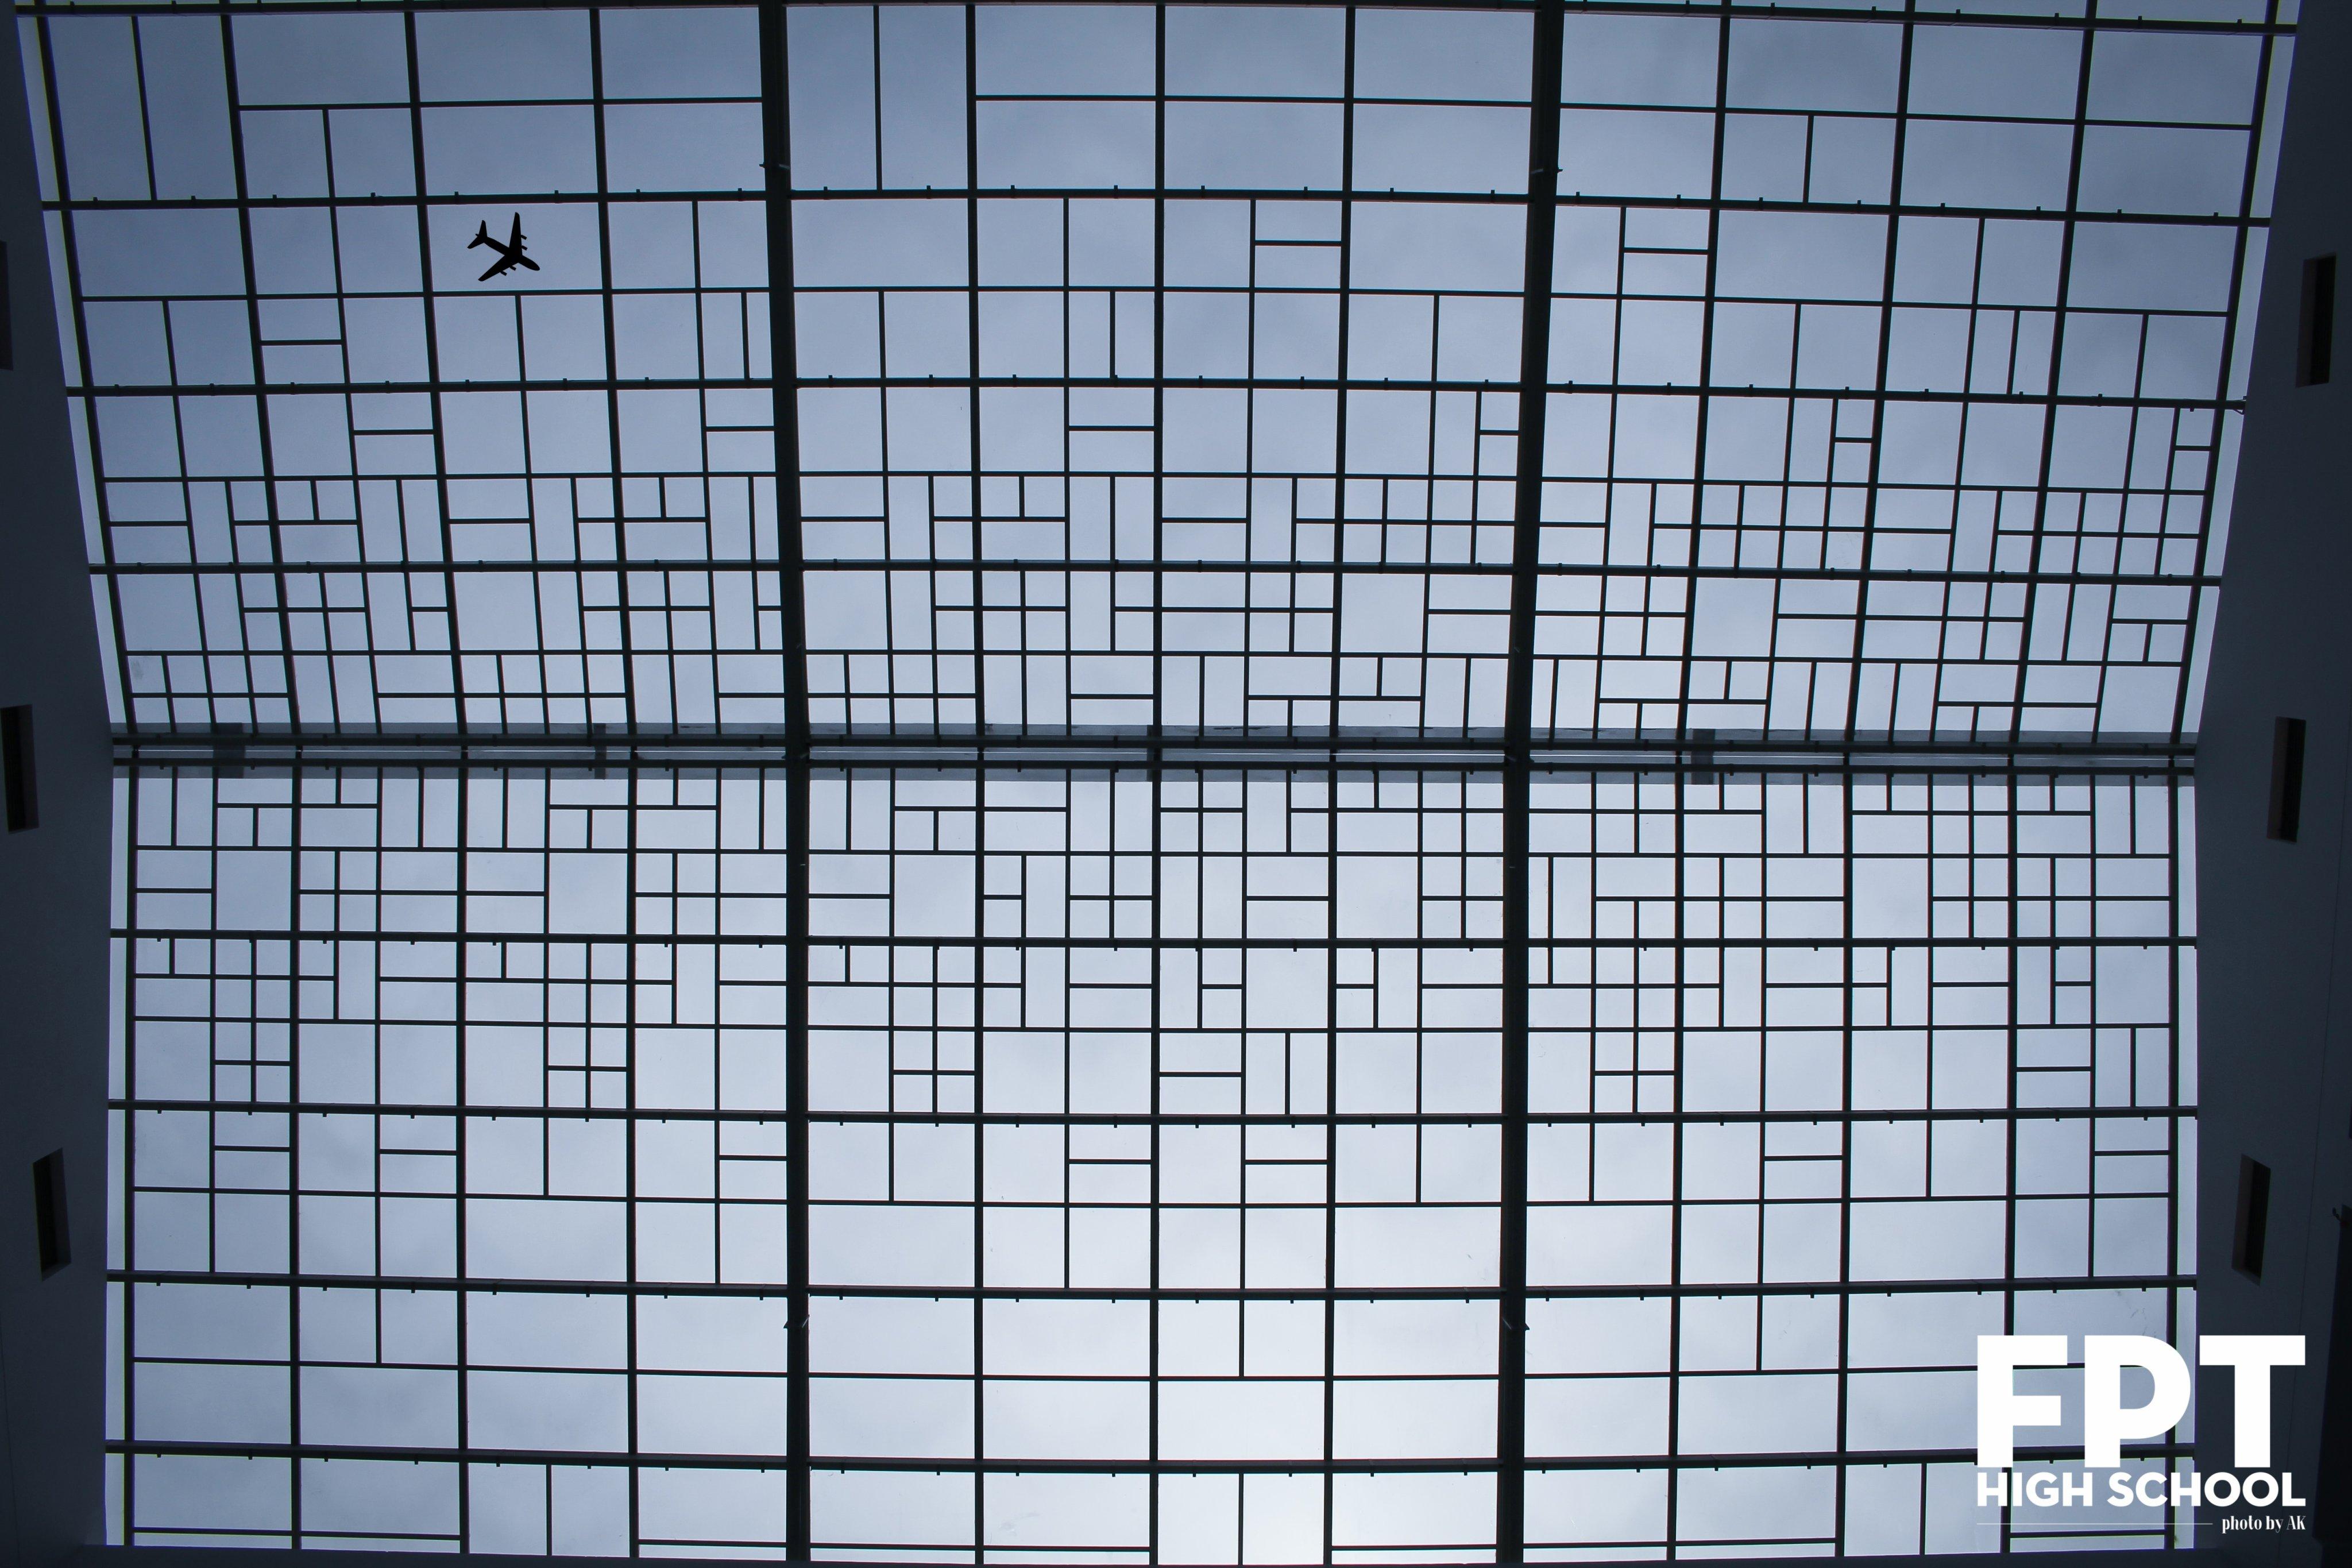 Hệ thống mái che được áp dụng các thiết kế xanh vào công trình sẽ tận dụng được ánh nắng, gió để đem lại bầu không khí dễ chịu và trong lành.